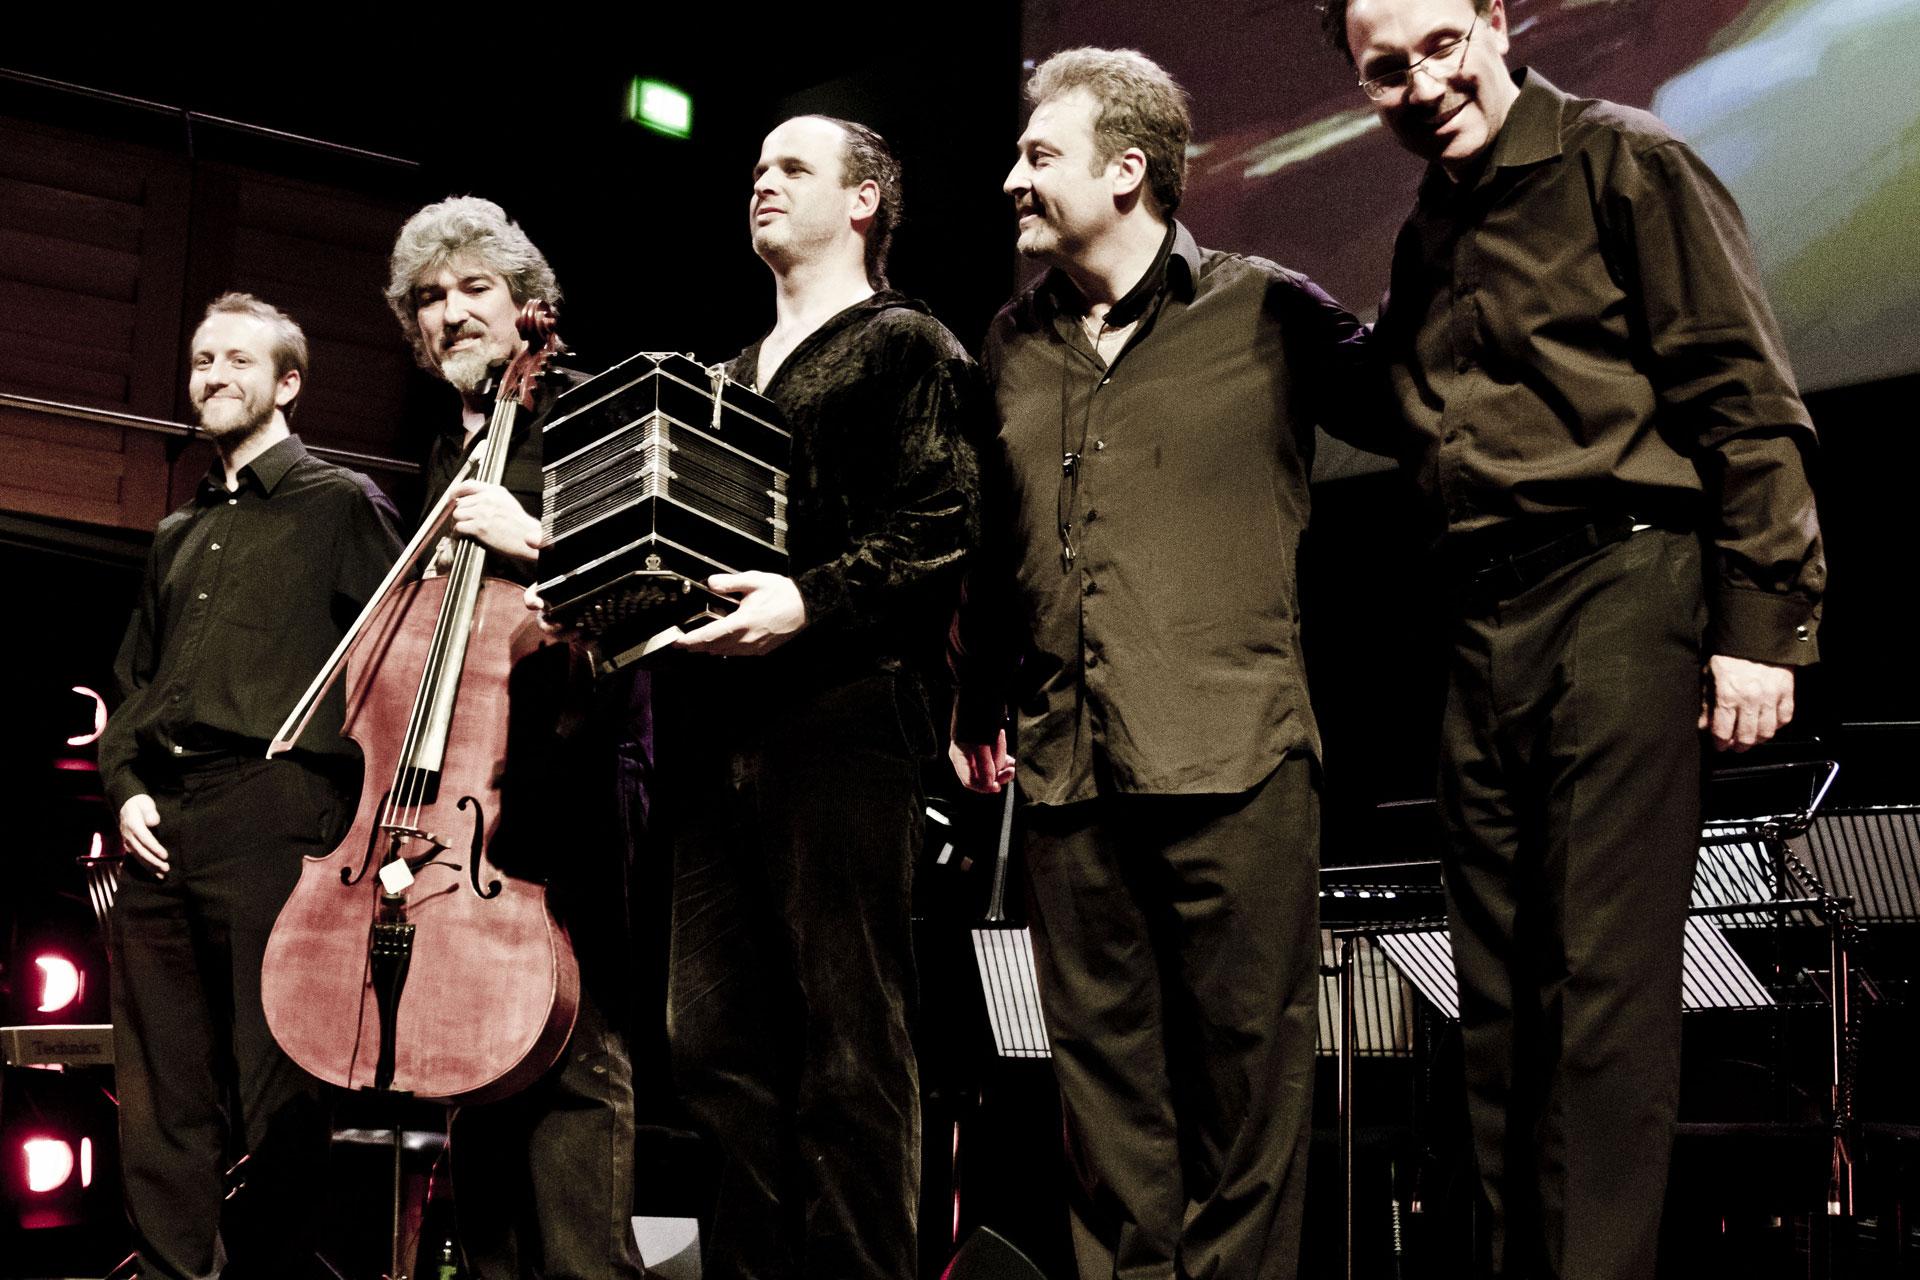 transtango the concert UK